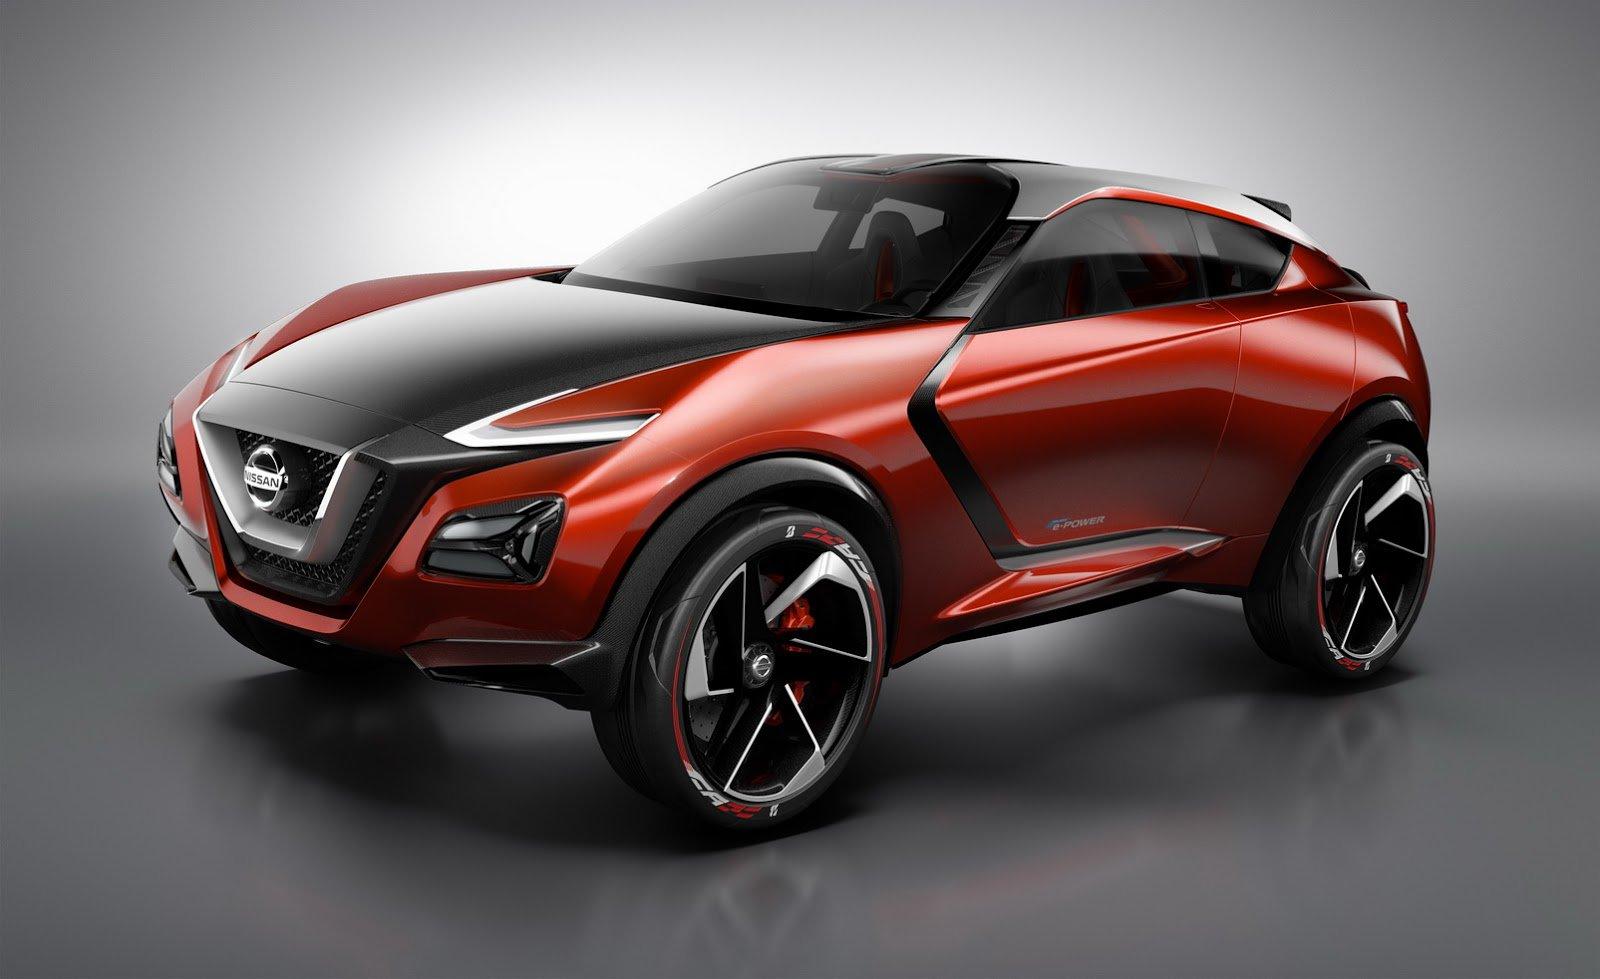 Nova Geracao Do Nissan Juke Chega Em 2019 Carzoom